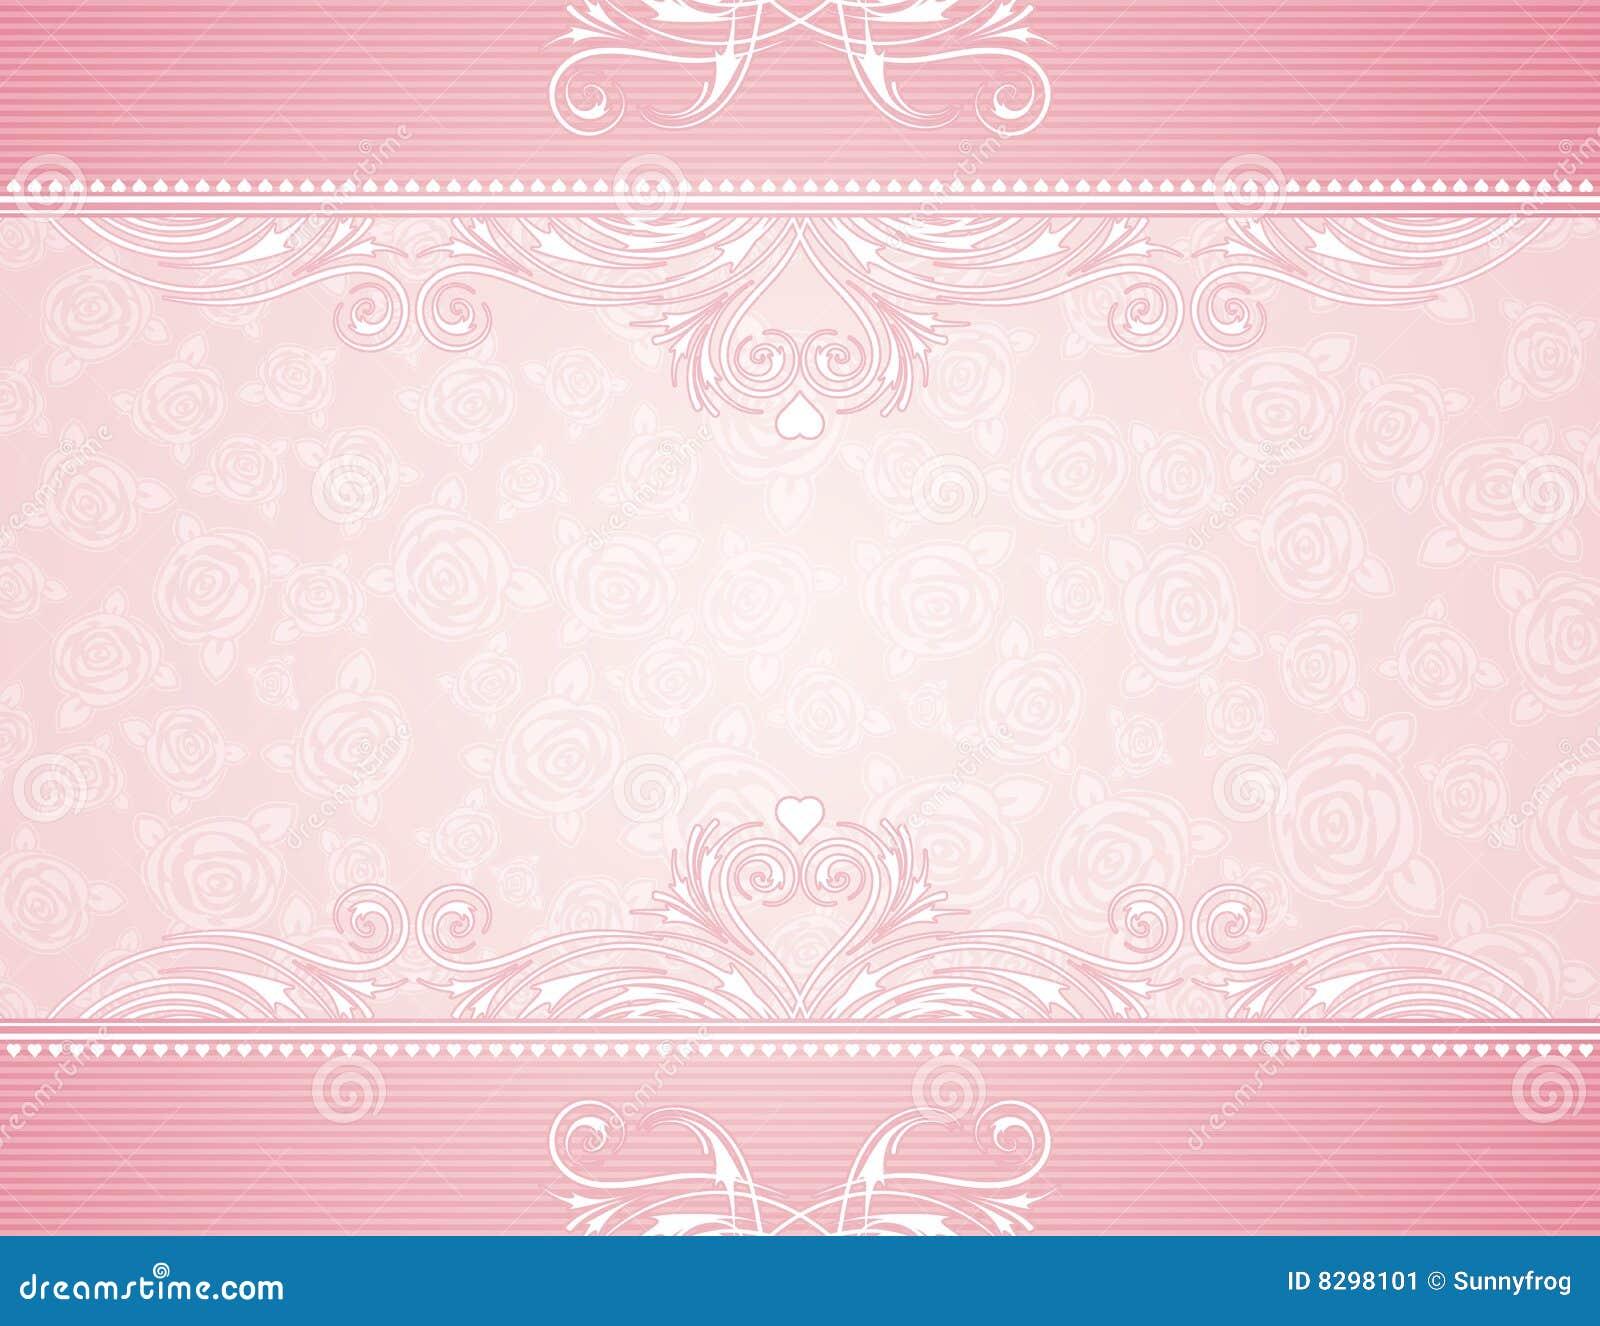 Rosafarbener Hintergrund mit Rosen